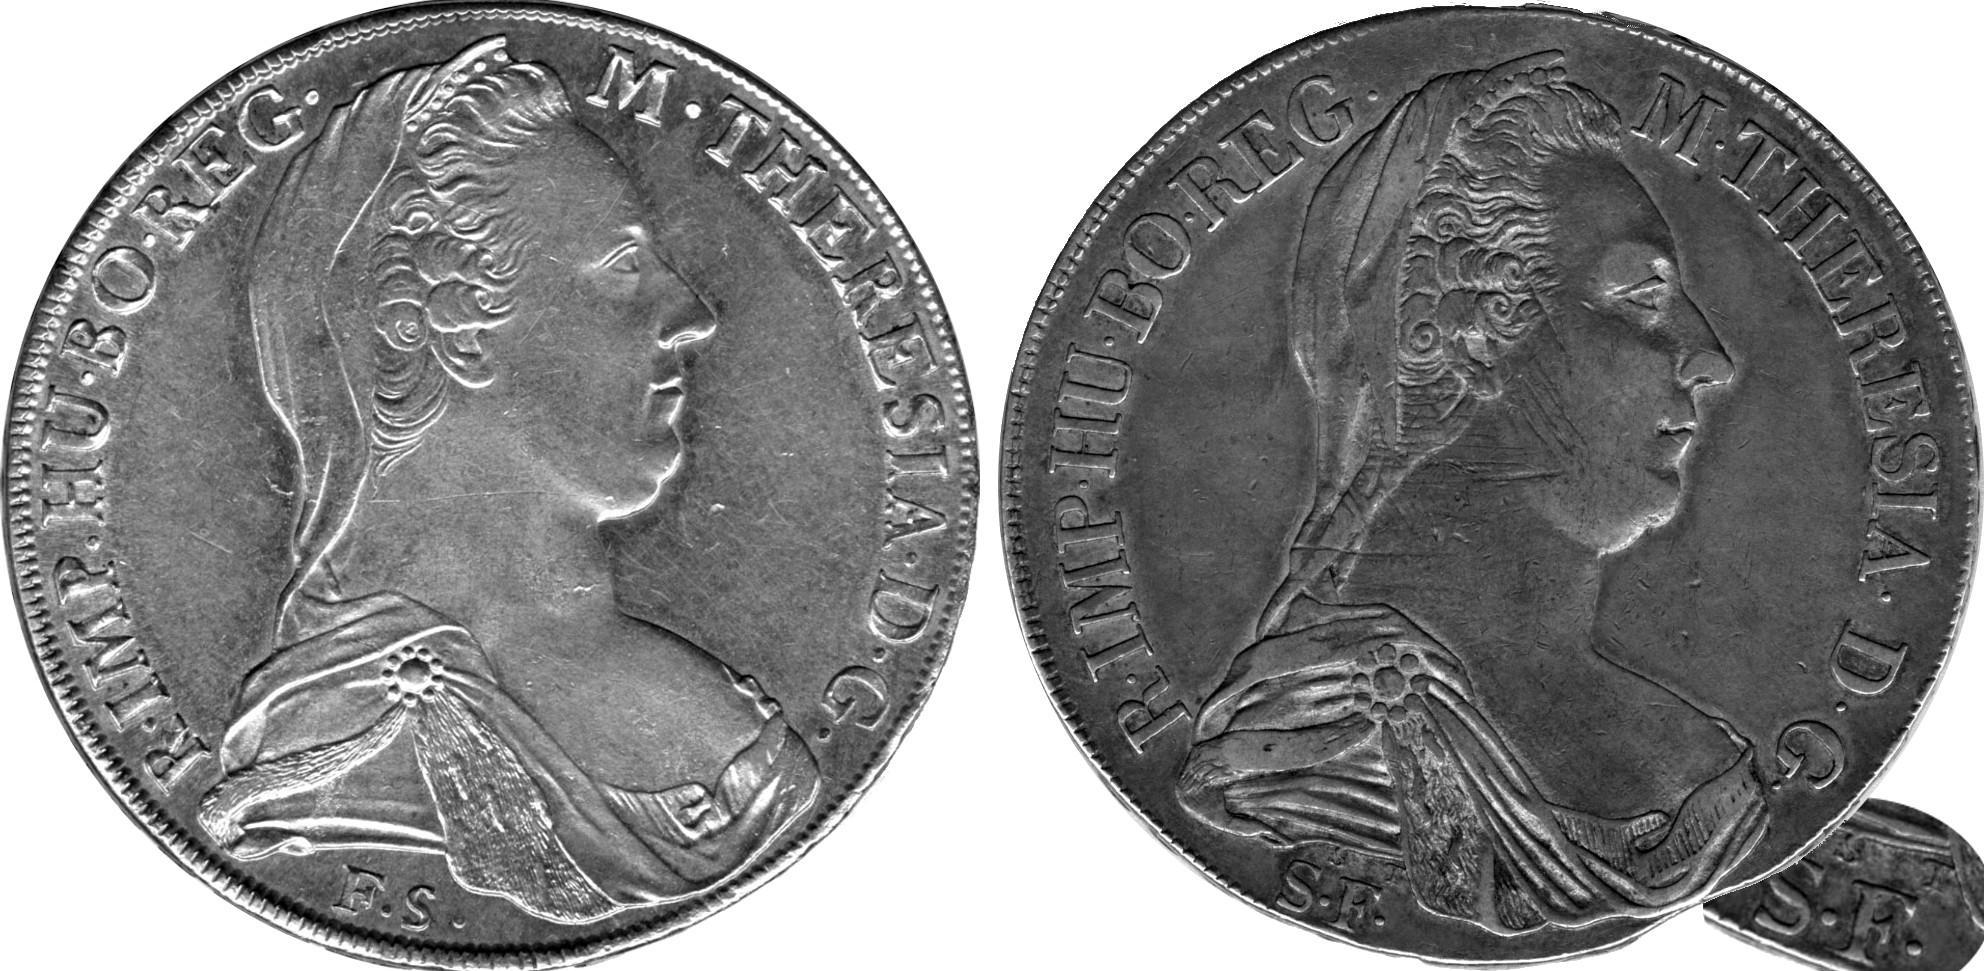 e928dd6416 Figura 2: (a) a sinistra il rarissimo conio per Venezia con le lettere F. e  S. invertite, la firma non era autorizzata e i talleri coniati furono  ritirati e ...